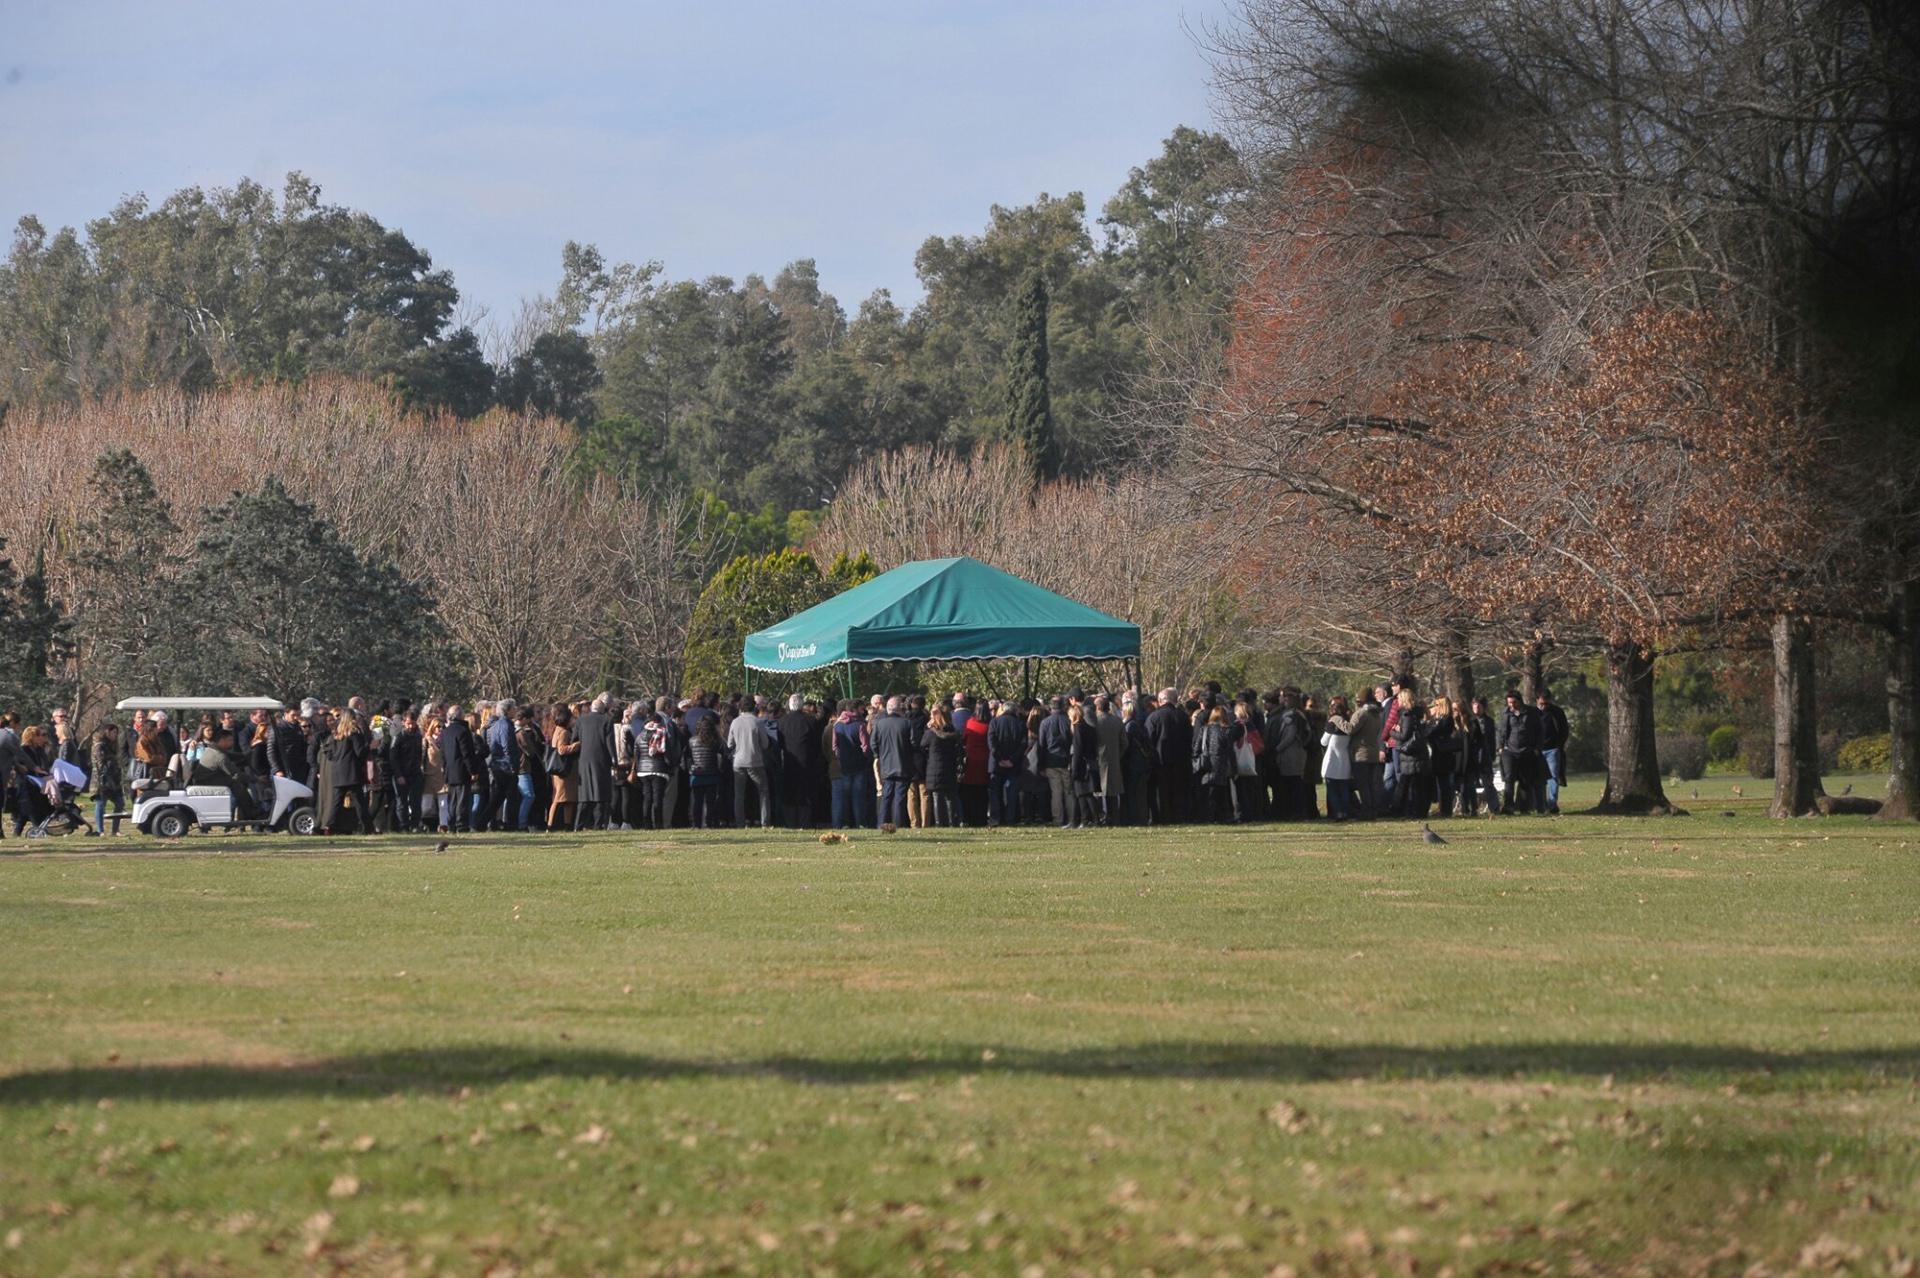 Se instaló un gazebo en la parcela F del cementerio donde se llevó a cabo una ceremonia religiosa que se extendió 30 minutos.